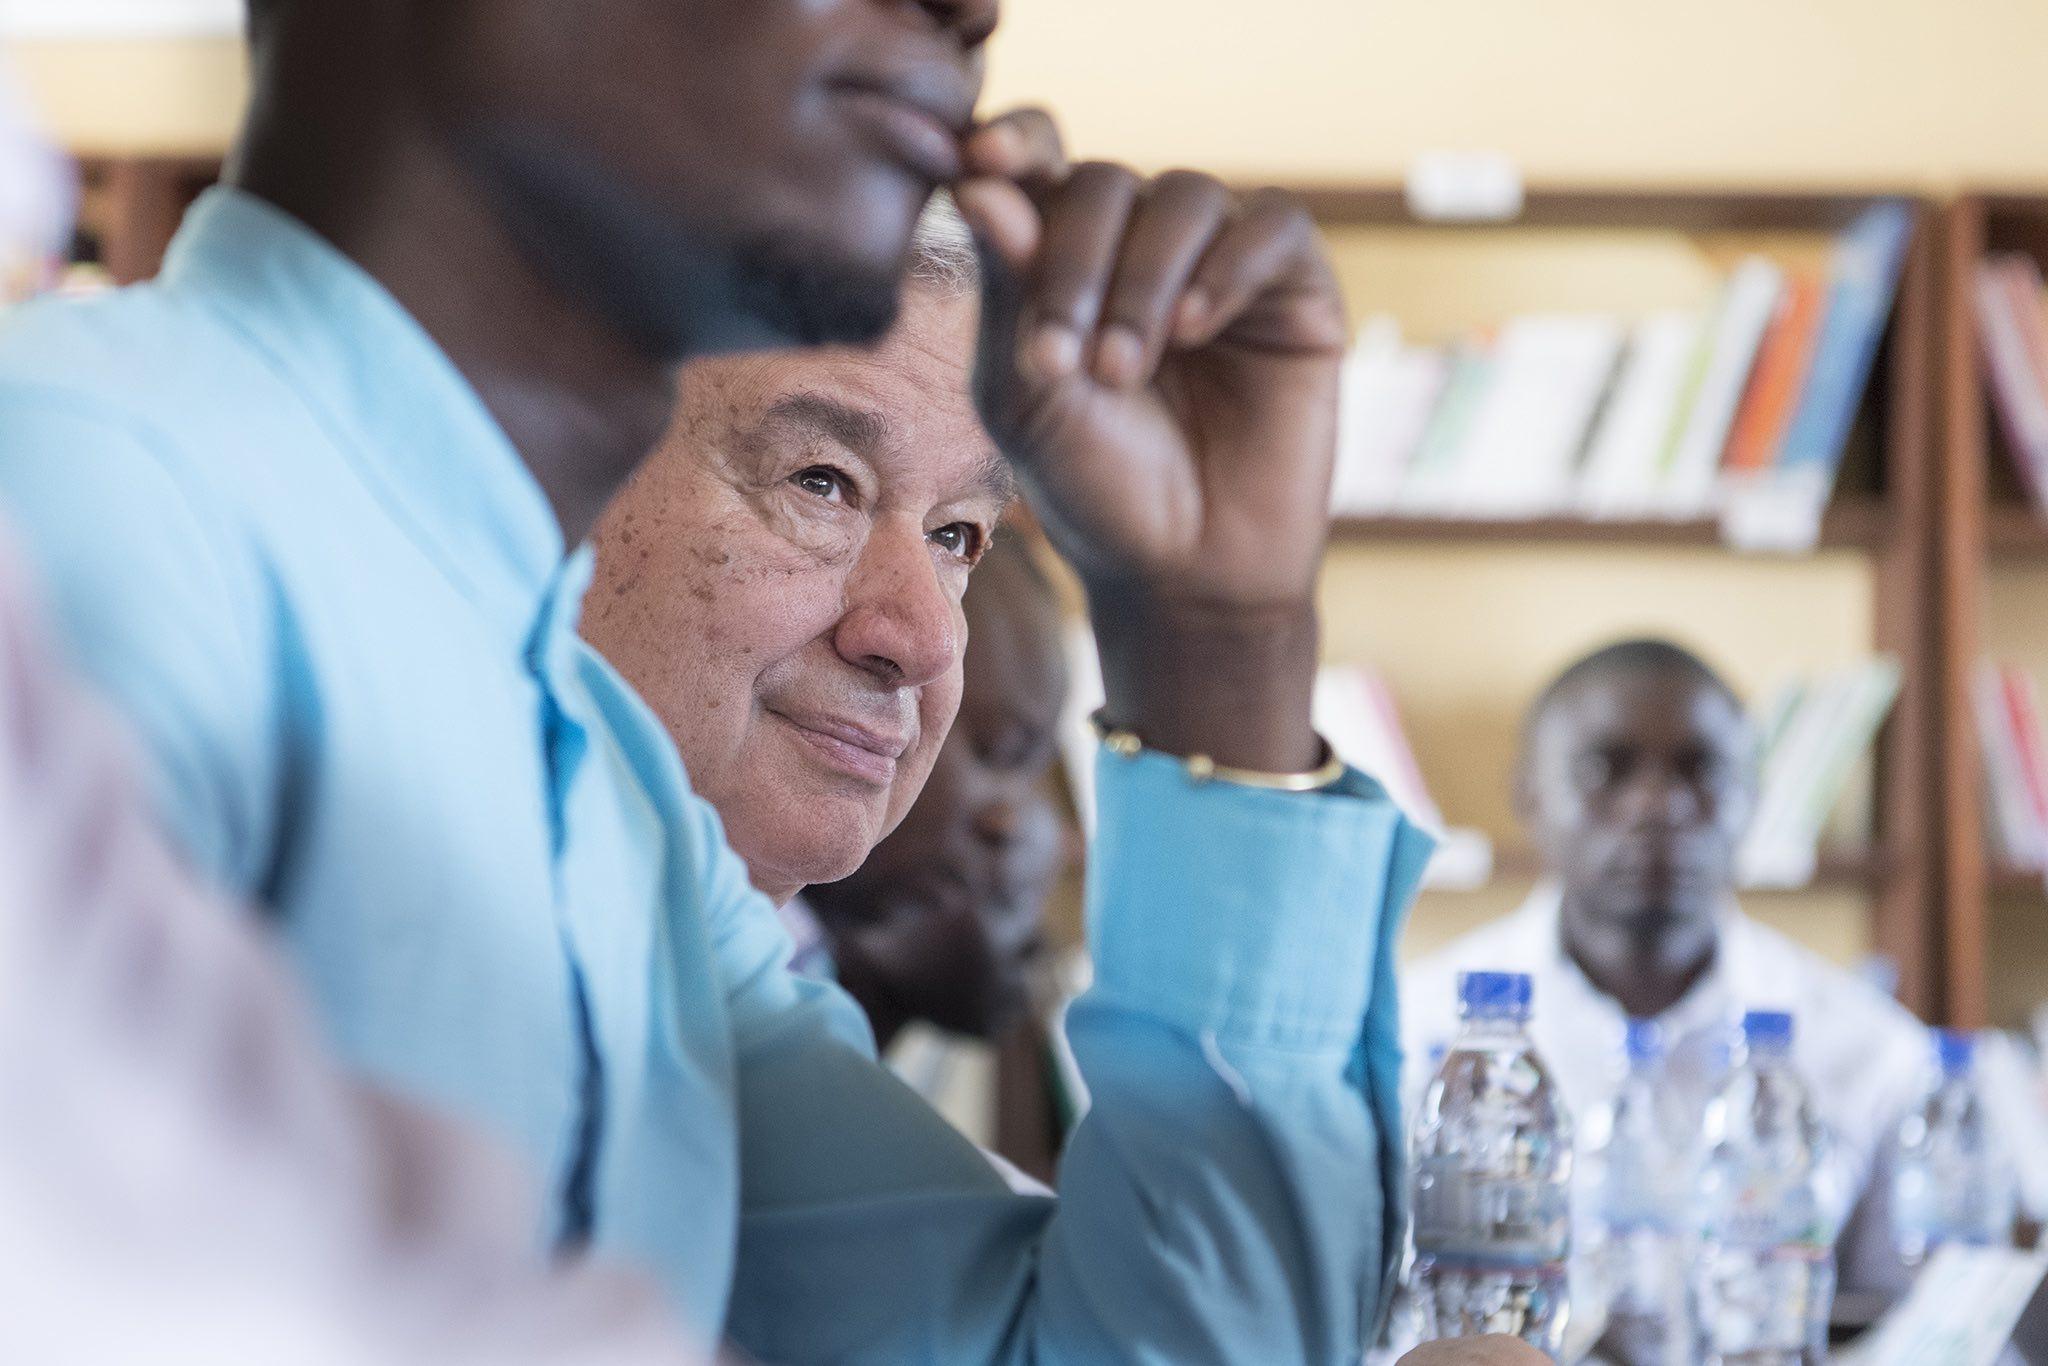 UN Secretary-General Antonio Guterres in Central African Republic in October (Photo: UN Photo)